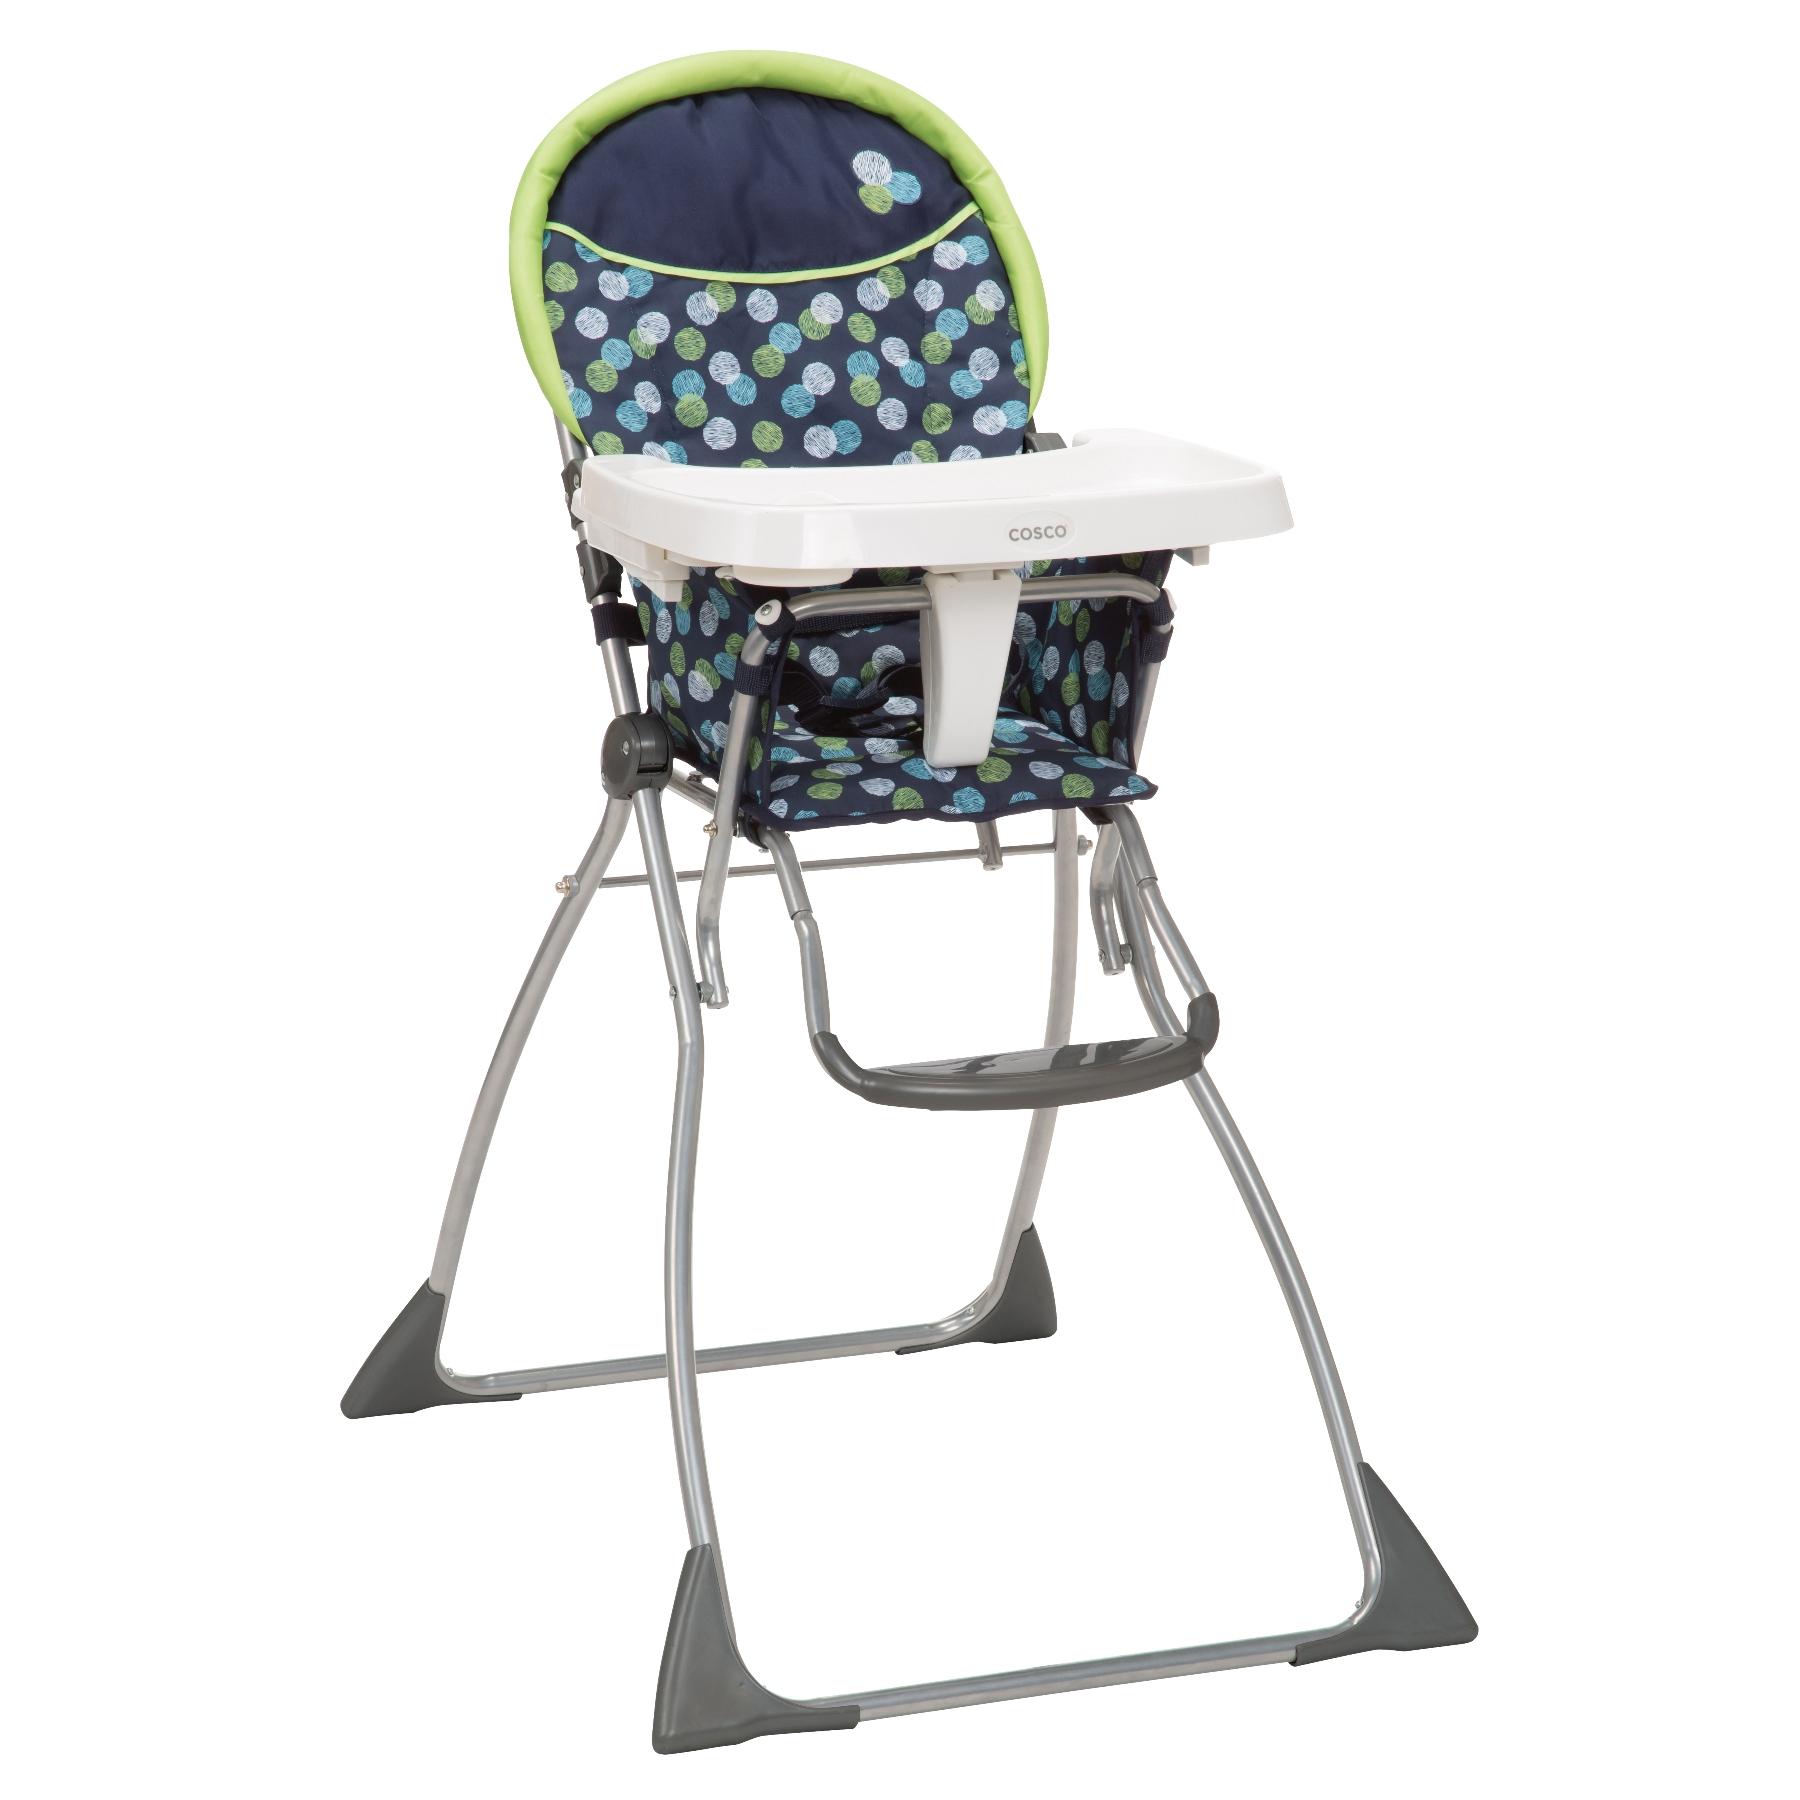 Cosco Folding Highchair Metro Dot - DOREL JUVENILE GROUP